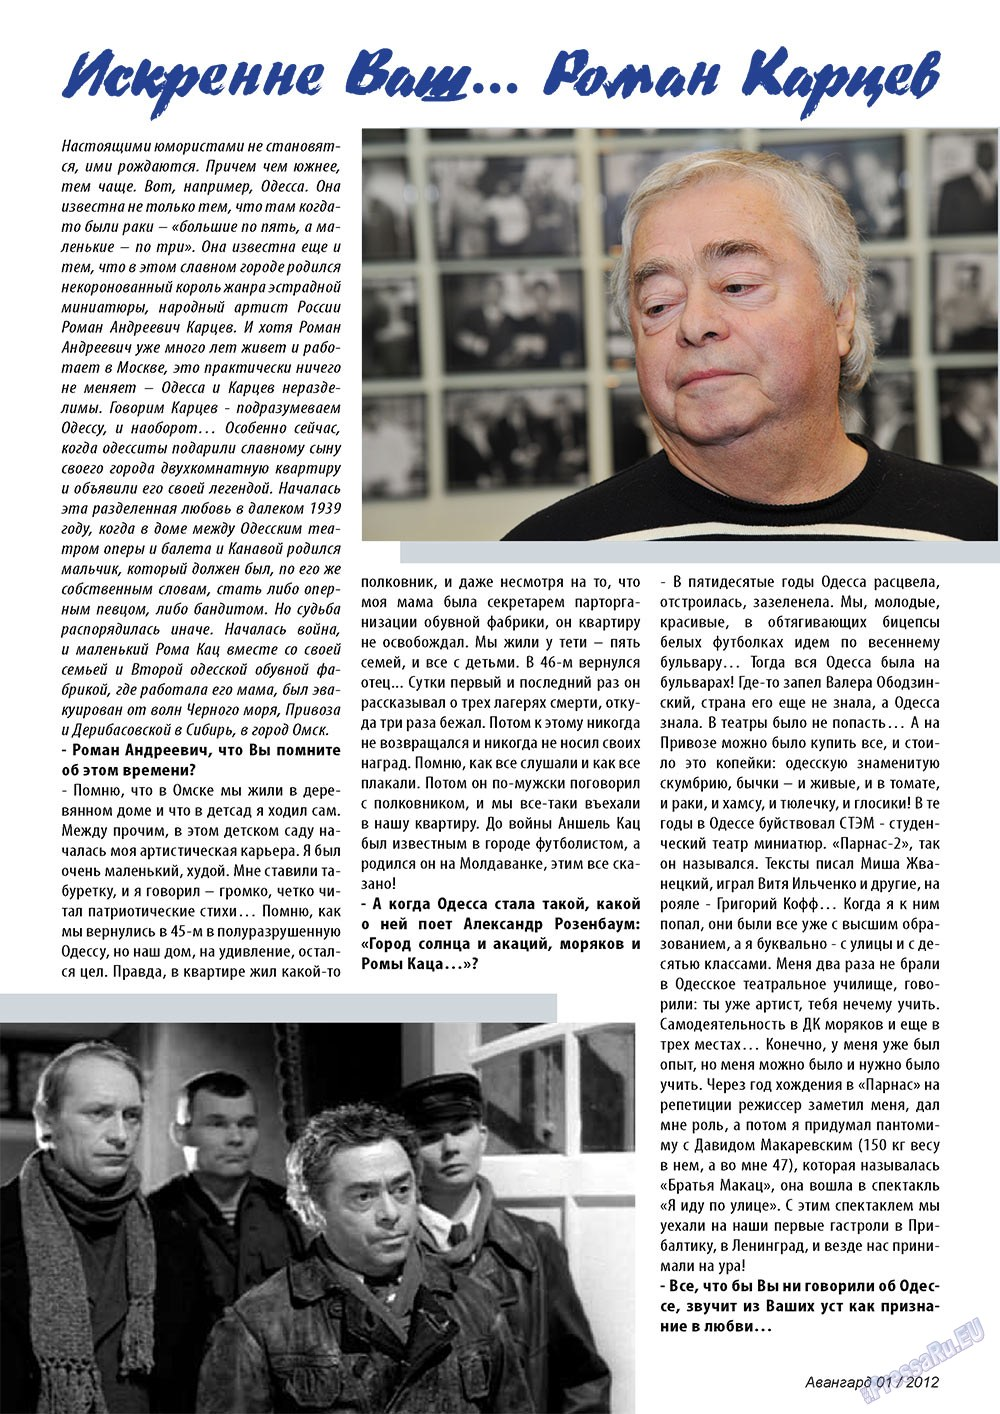 Авангард (журнал). 2012 год, номер 1, стр. 8